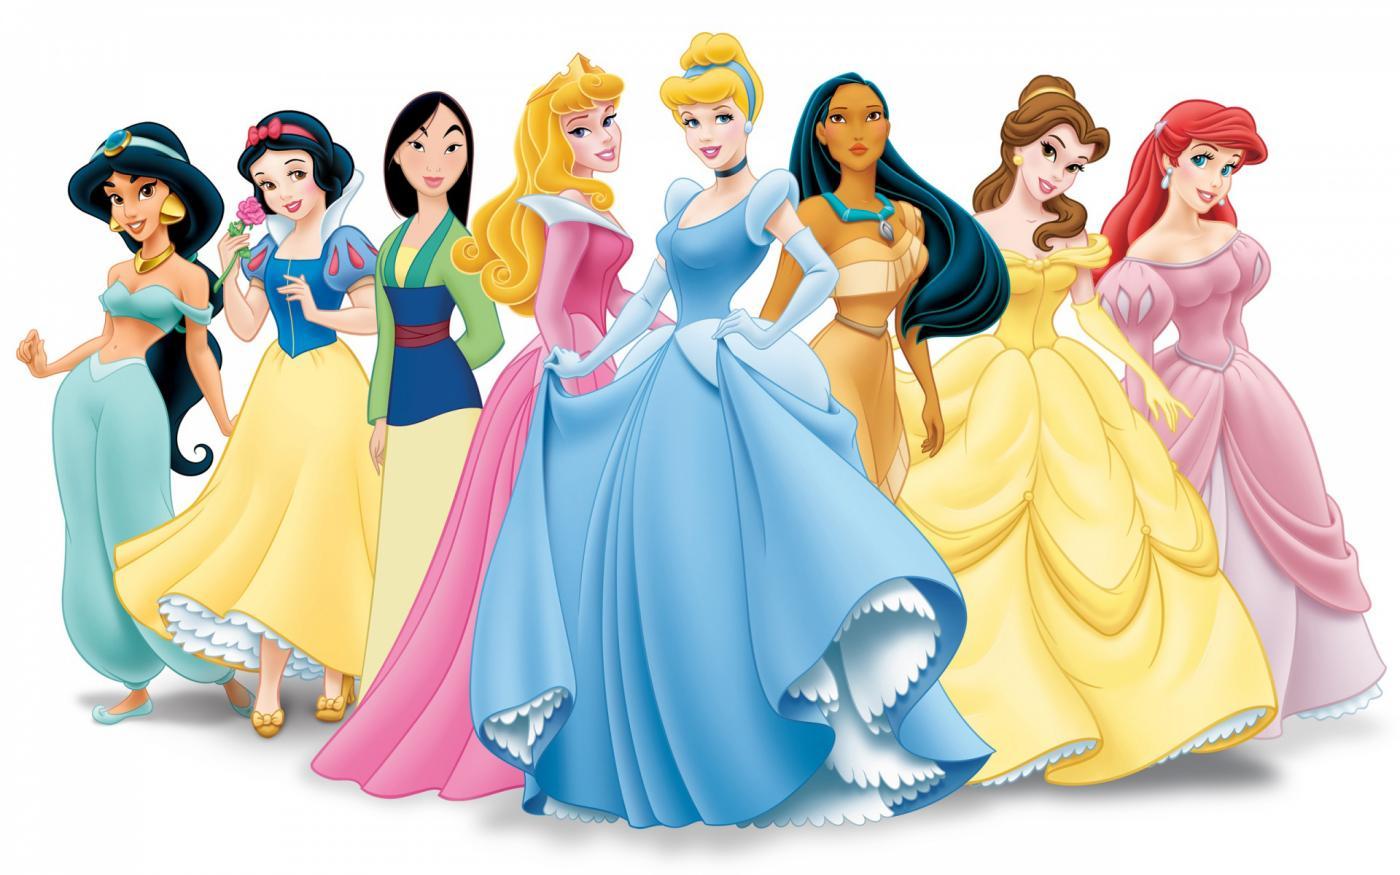 Картинка для Тест Дисней Принцессы: Правда или Ложь